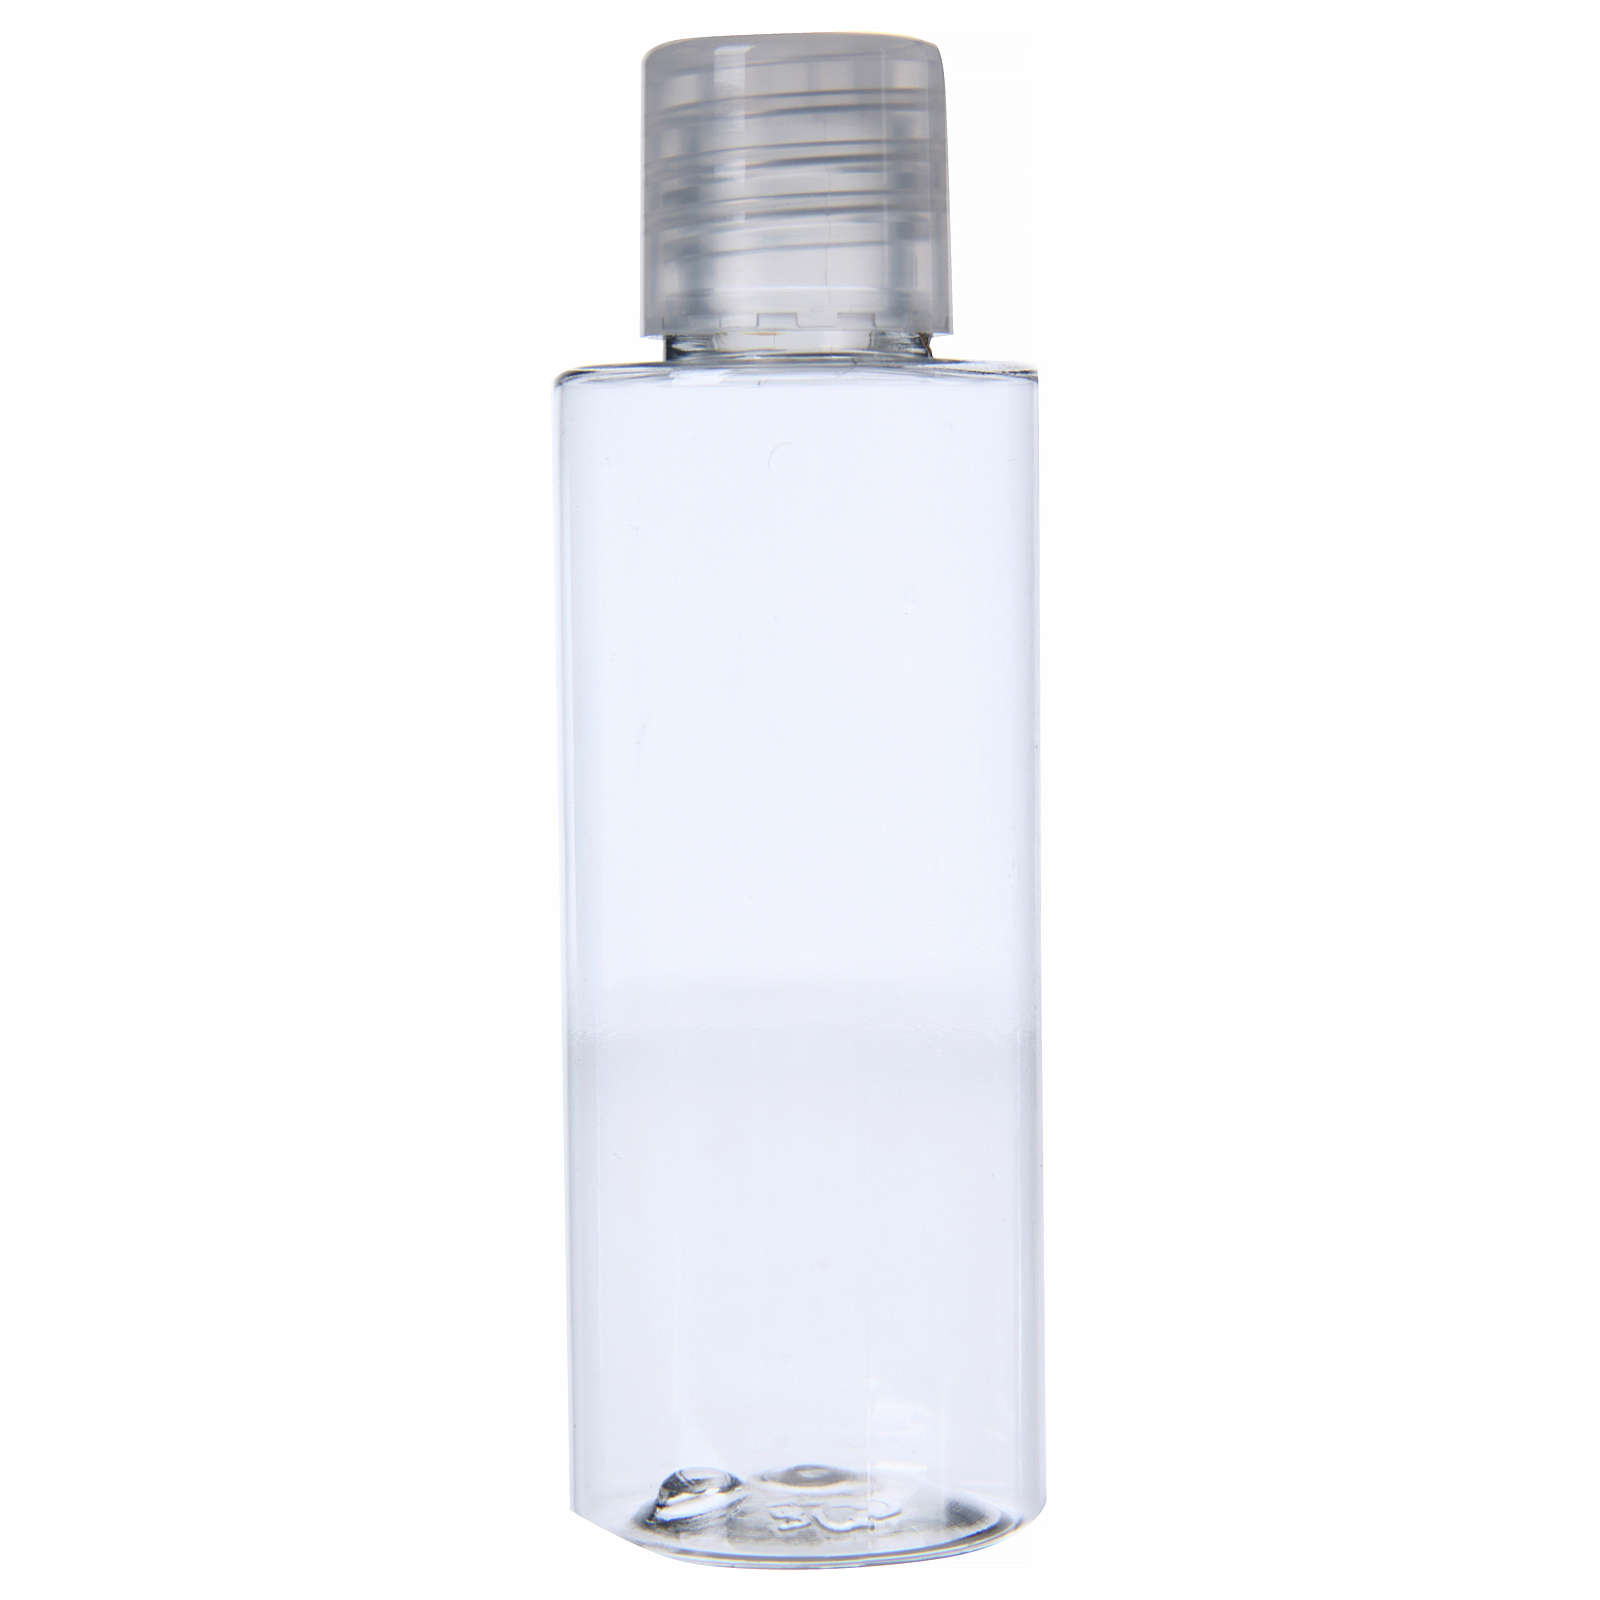 Botellas para agua bendita 55 ml cilíndrica 100 piezas 3